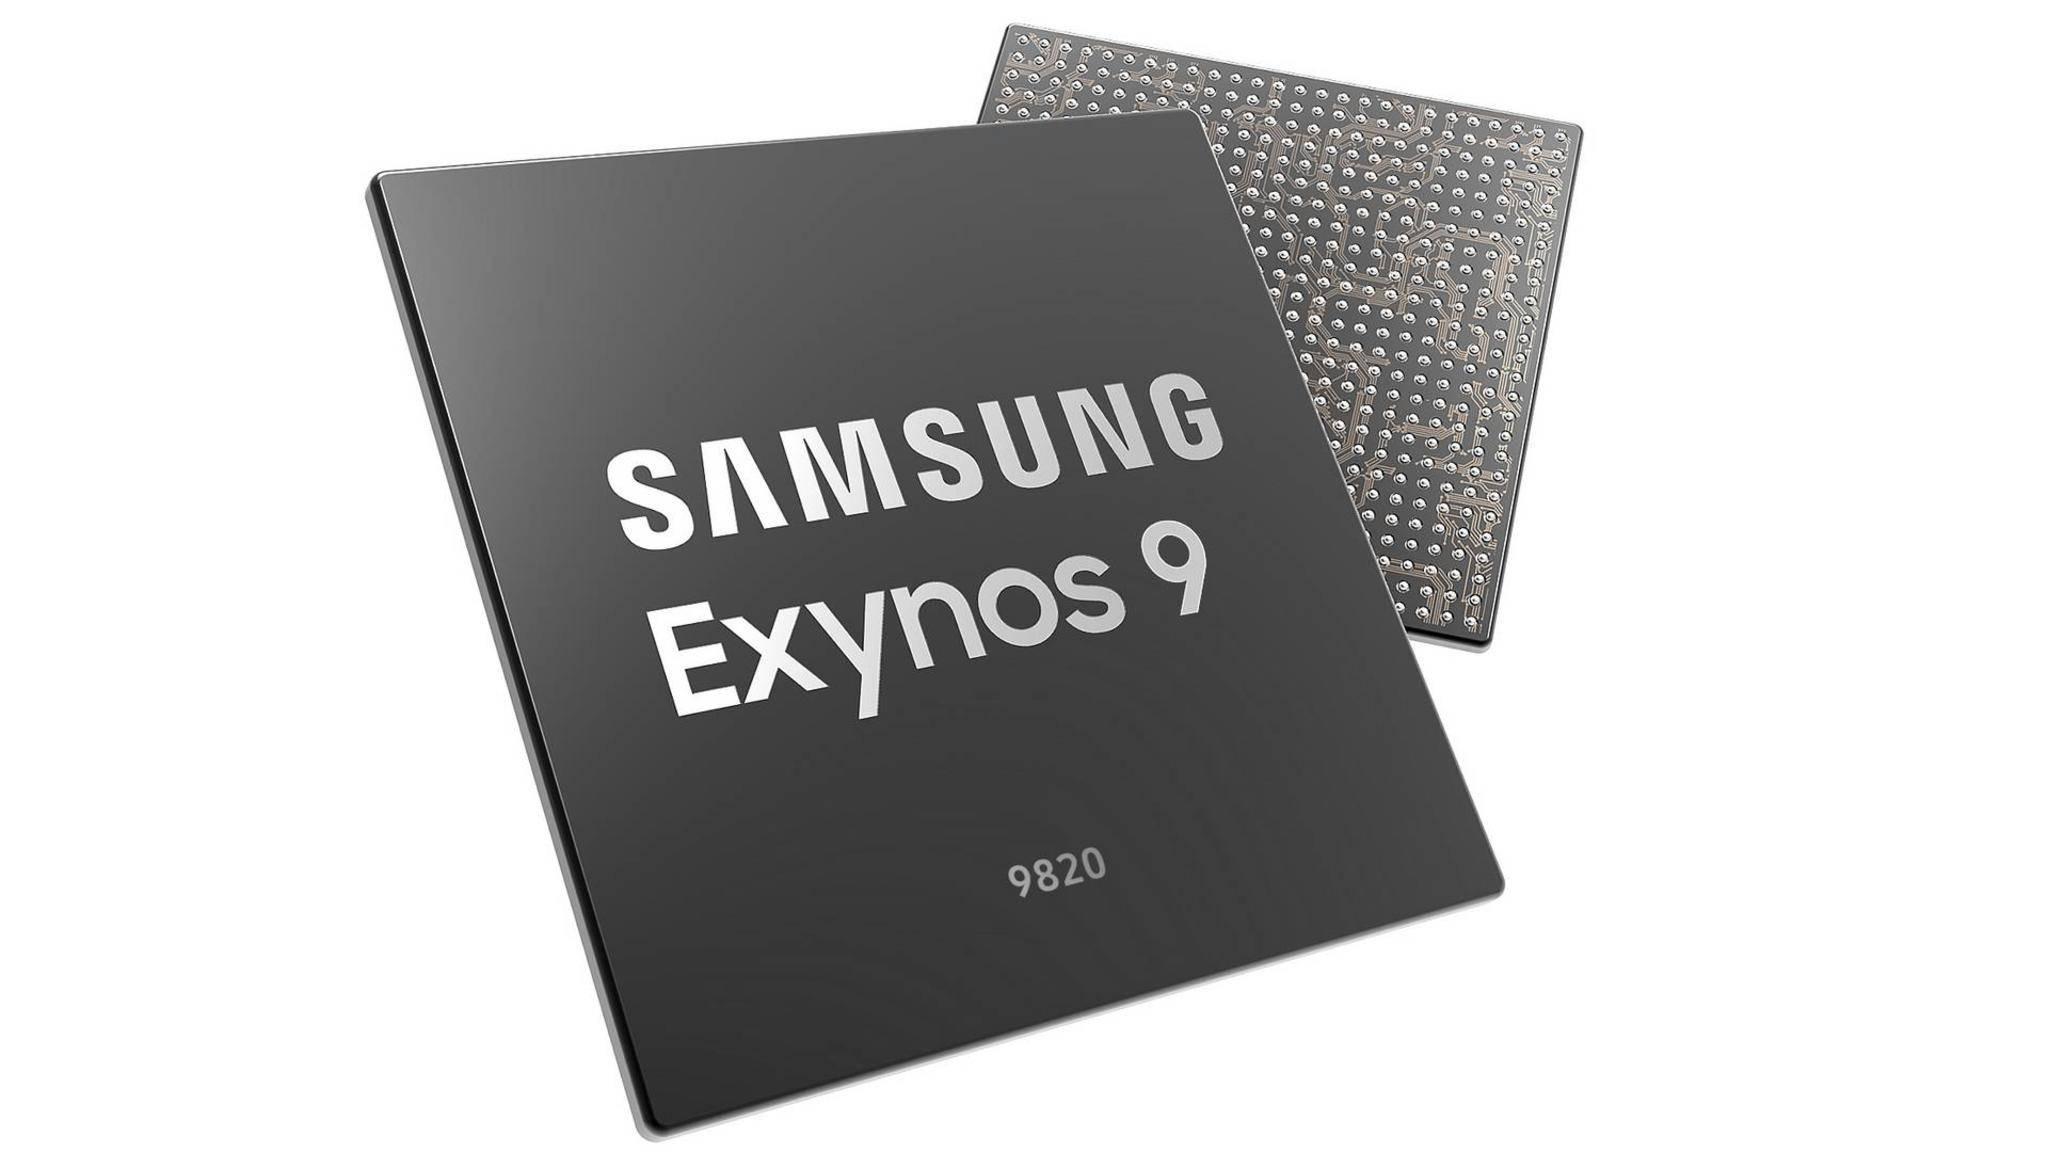 Der Exynos 9820 wird das Galaxy S10 in einigen Märkten befeuern.